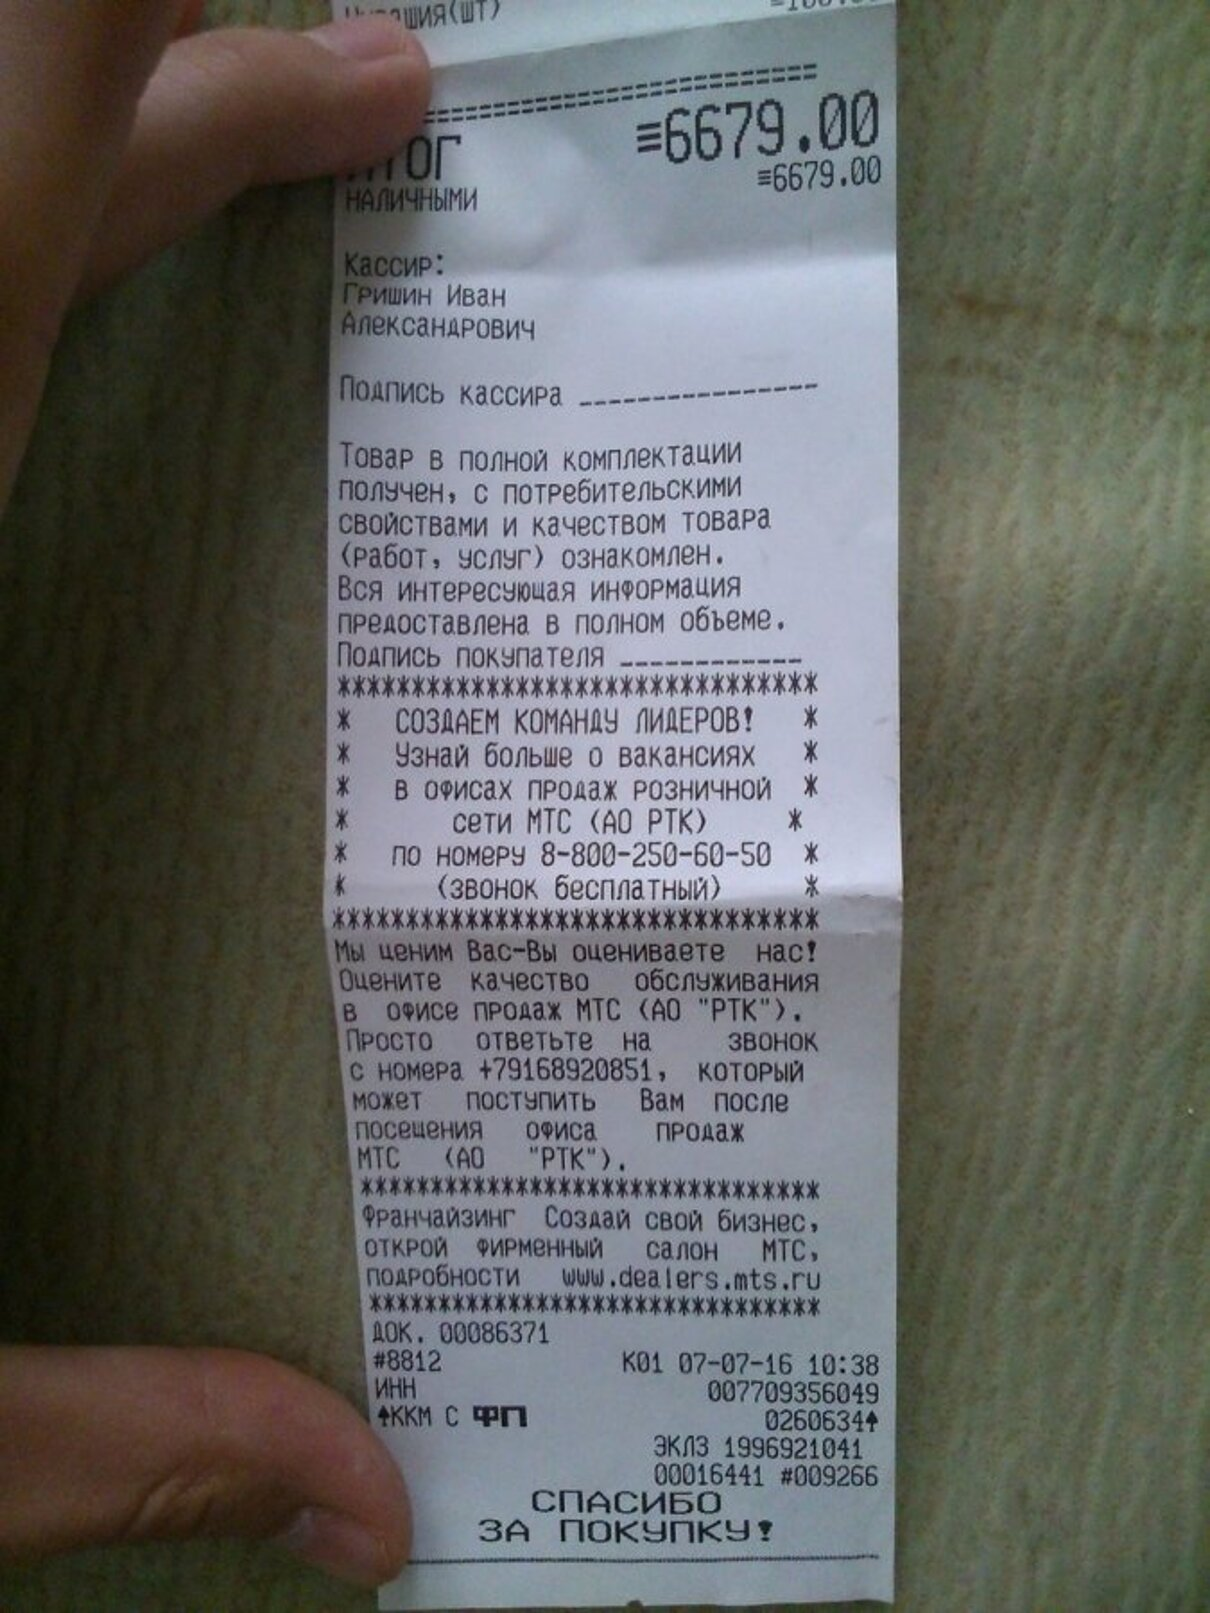 Жалоба-отзыв: Салон МТС - Отказали в возврате денег в салоне МТС.  Фото №1